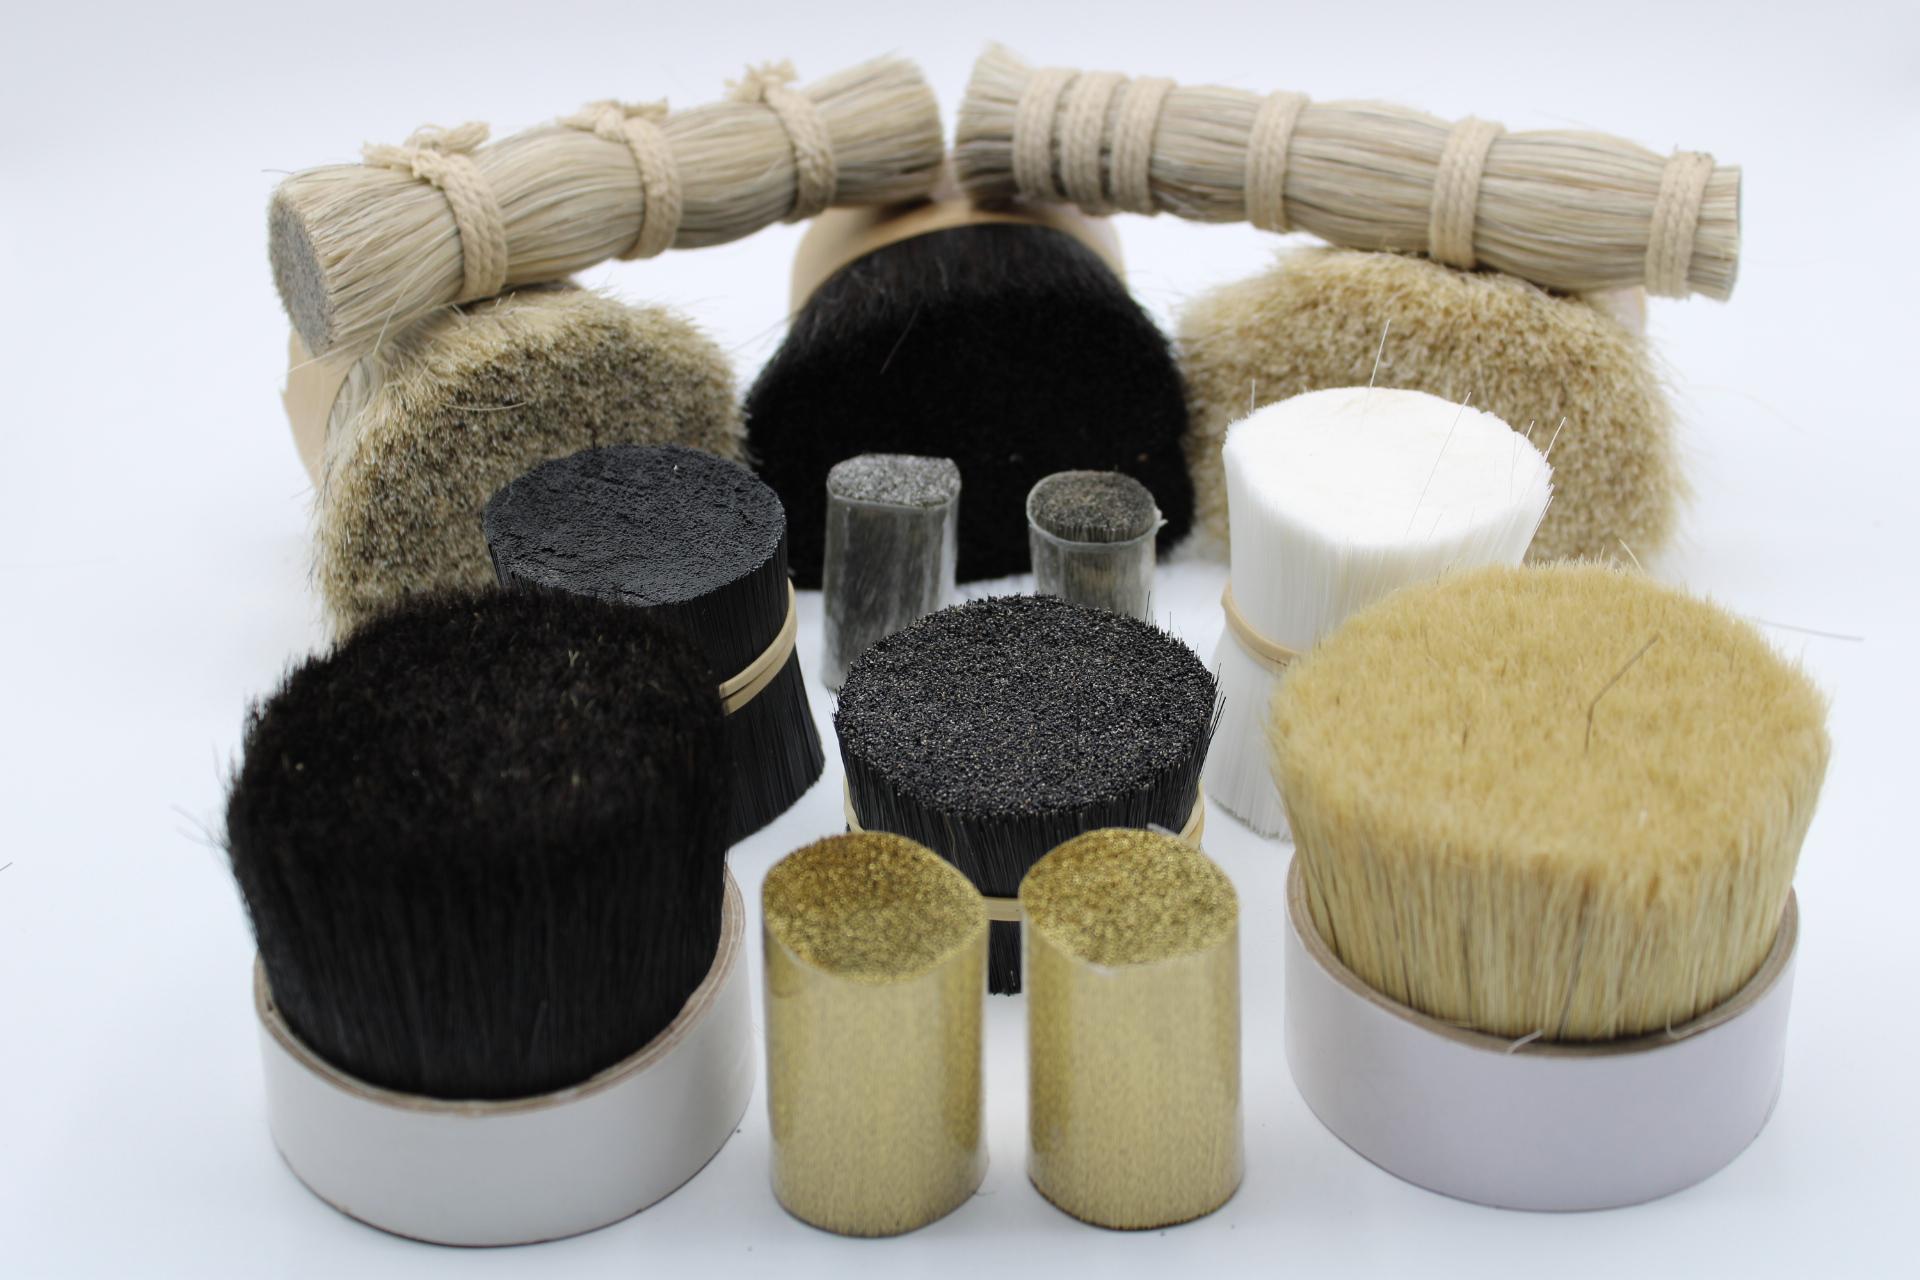 matières premières soie blanche, poils de sanglier